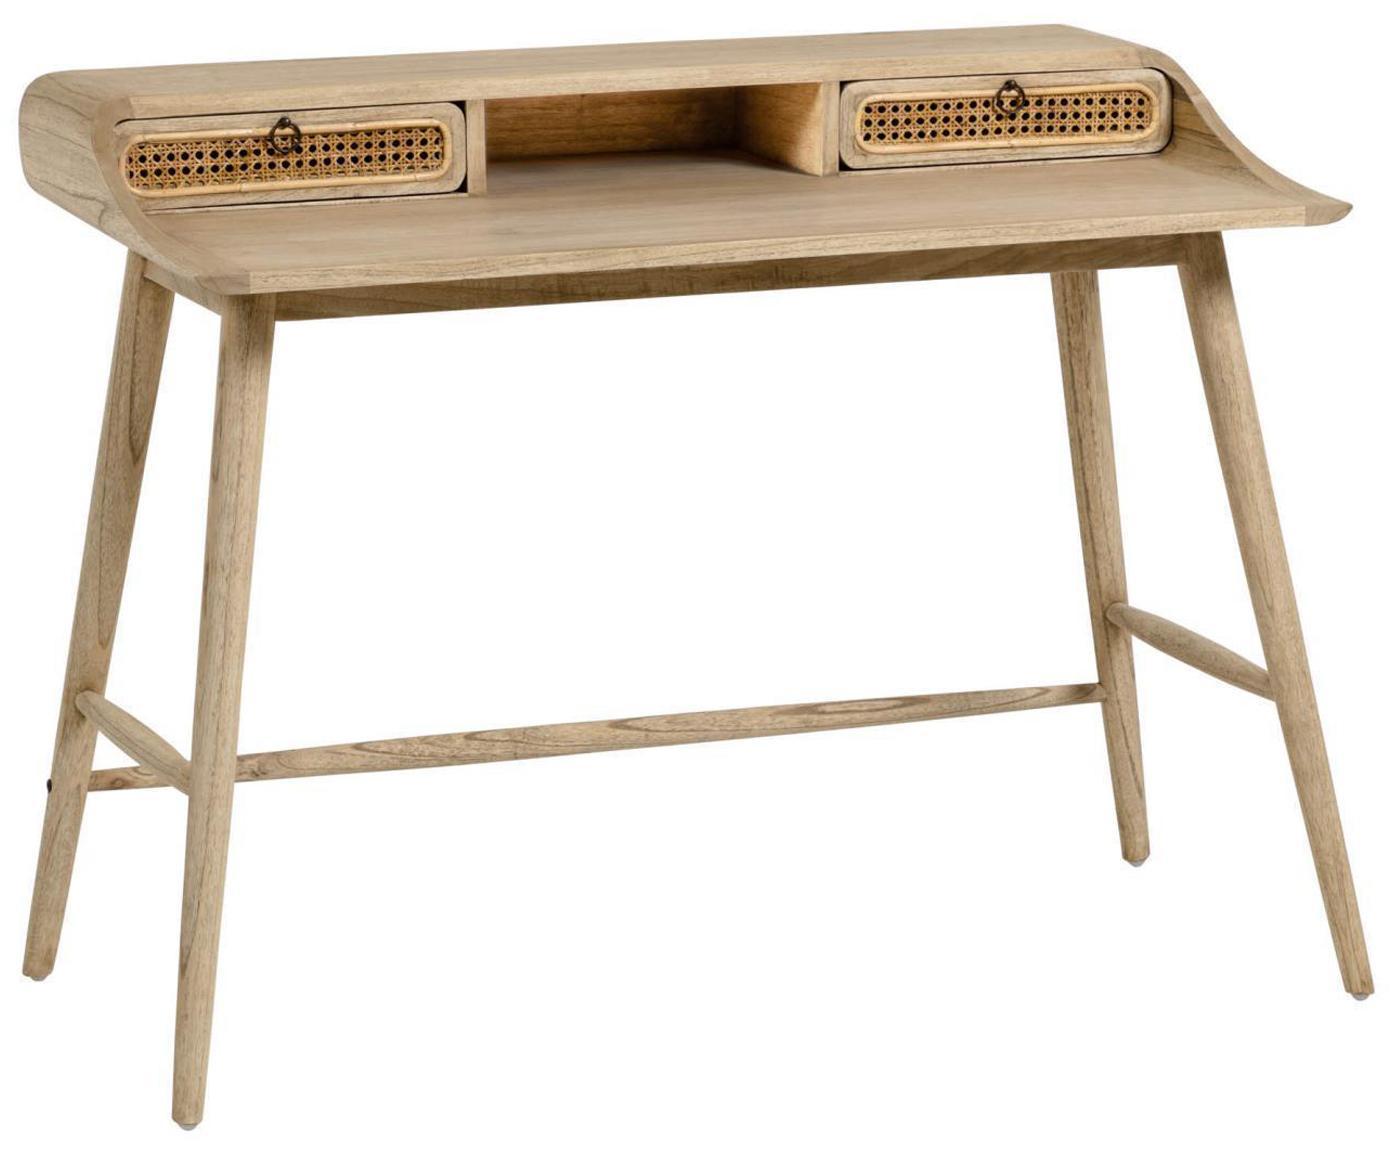 Biurko z drewna z plecionką wiedeńską Nalu, Drewno mindi, lakierowane, Drewno mindi, S 110 x G 60 cm